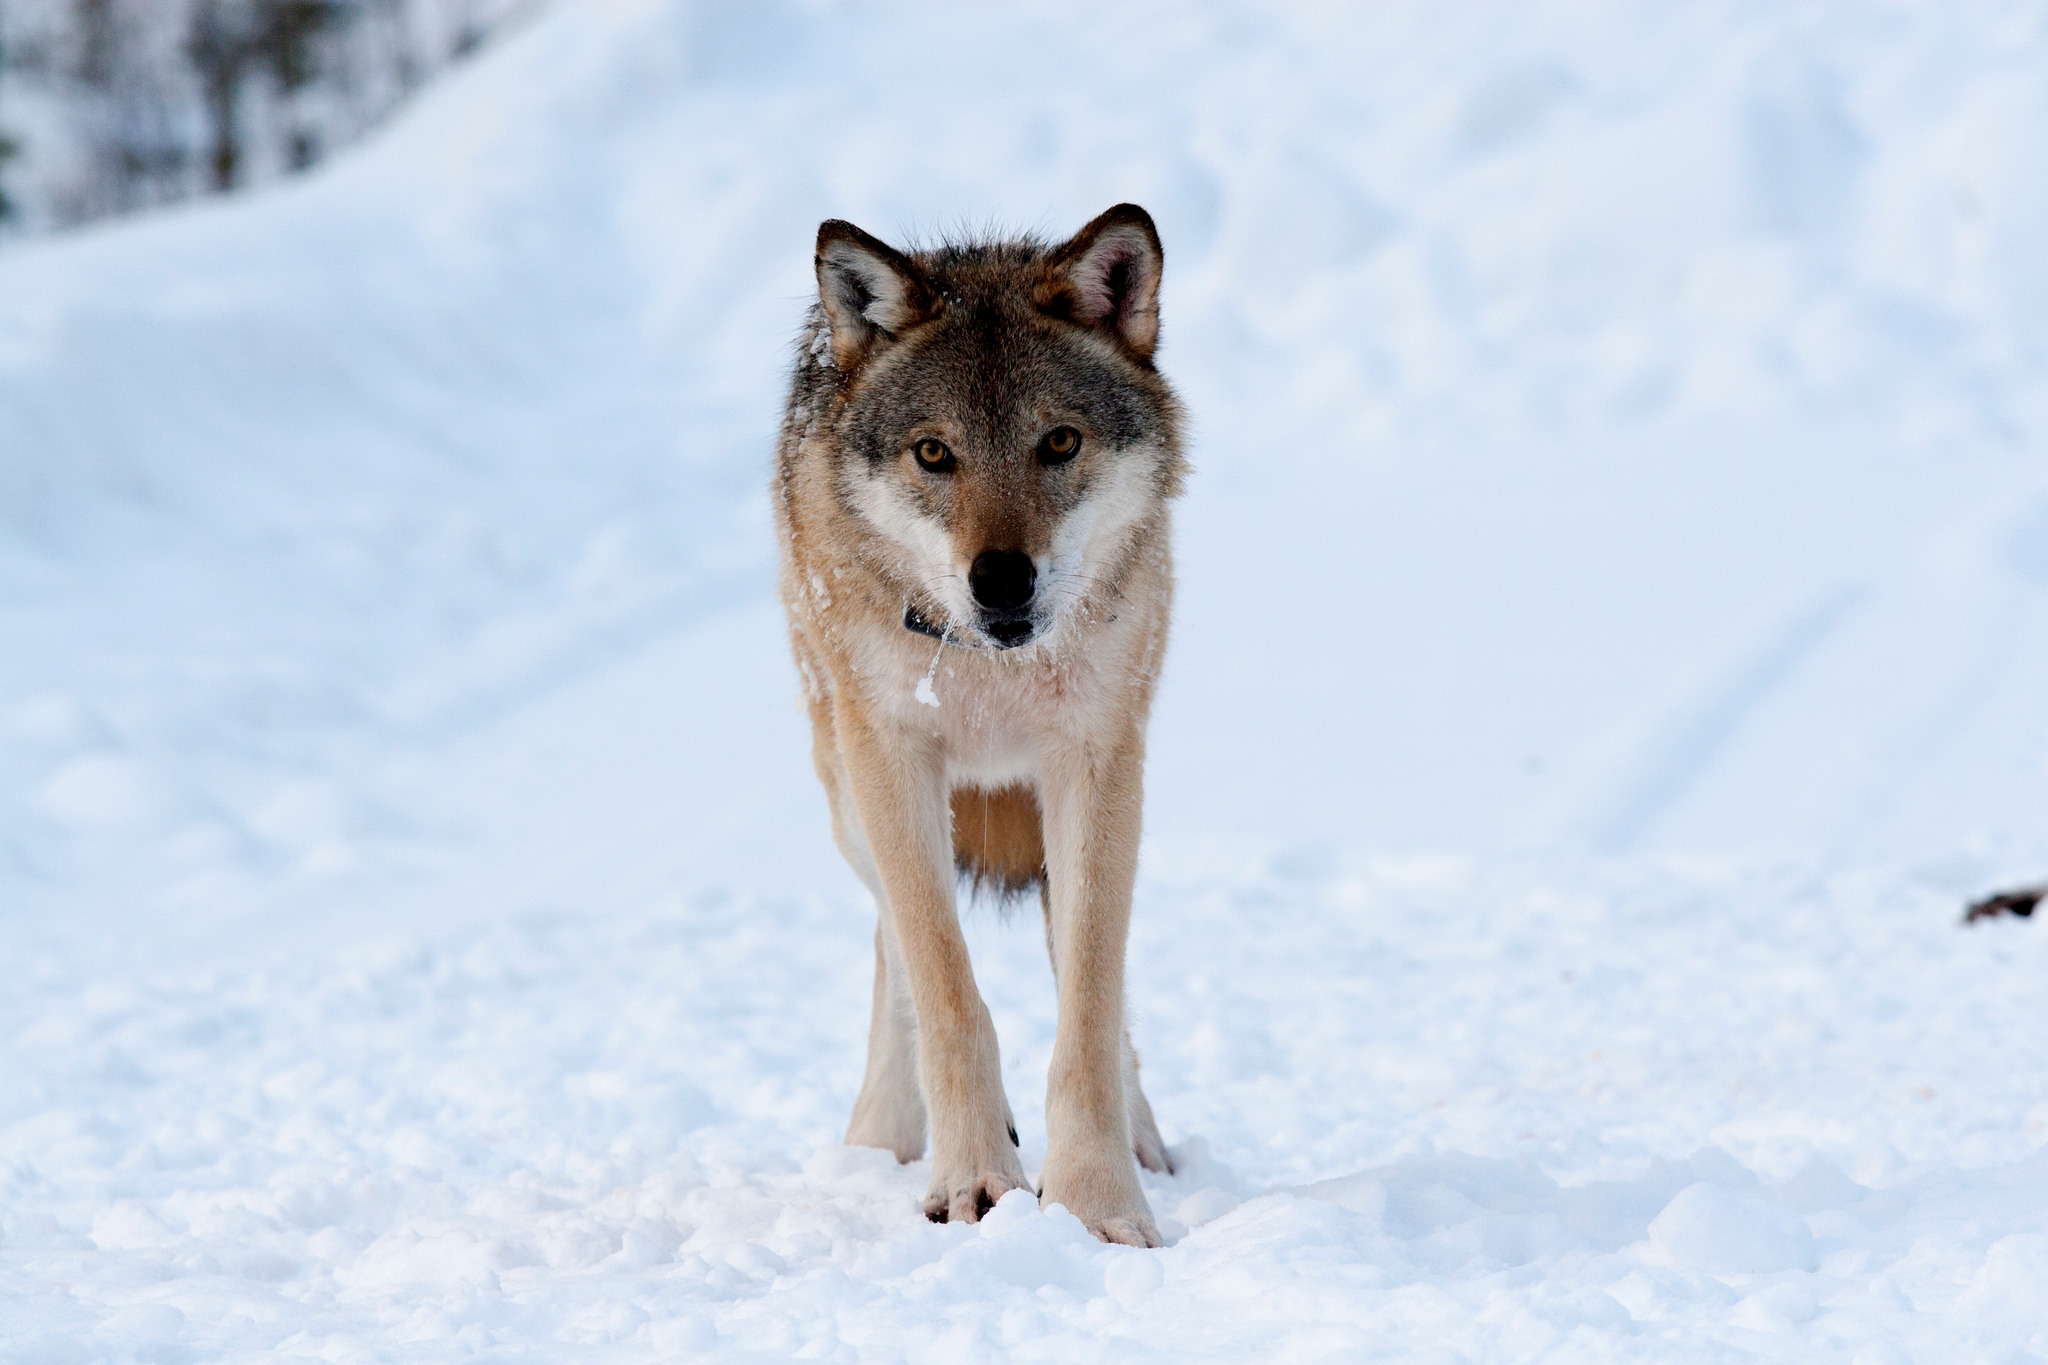 Med förvaltningsrättens resonemang kan man inte jaga varg i Västmanland förrän det finns cirka 70-100 vargar i länet, skriver länsstyrelsen. Foto: Olle Olsson